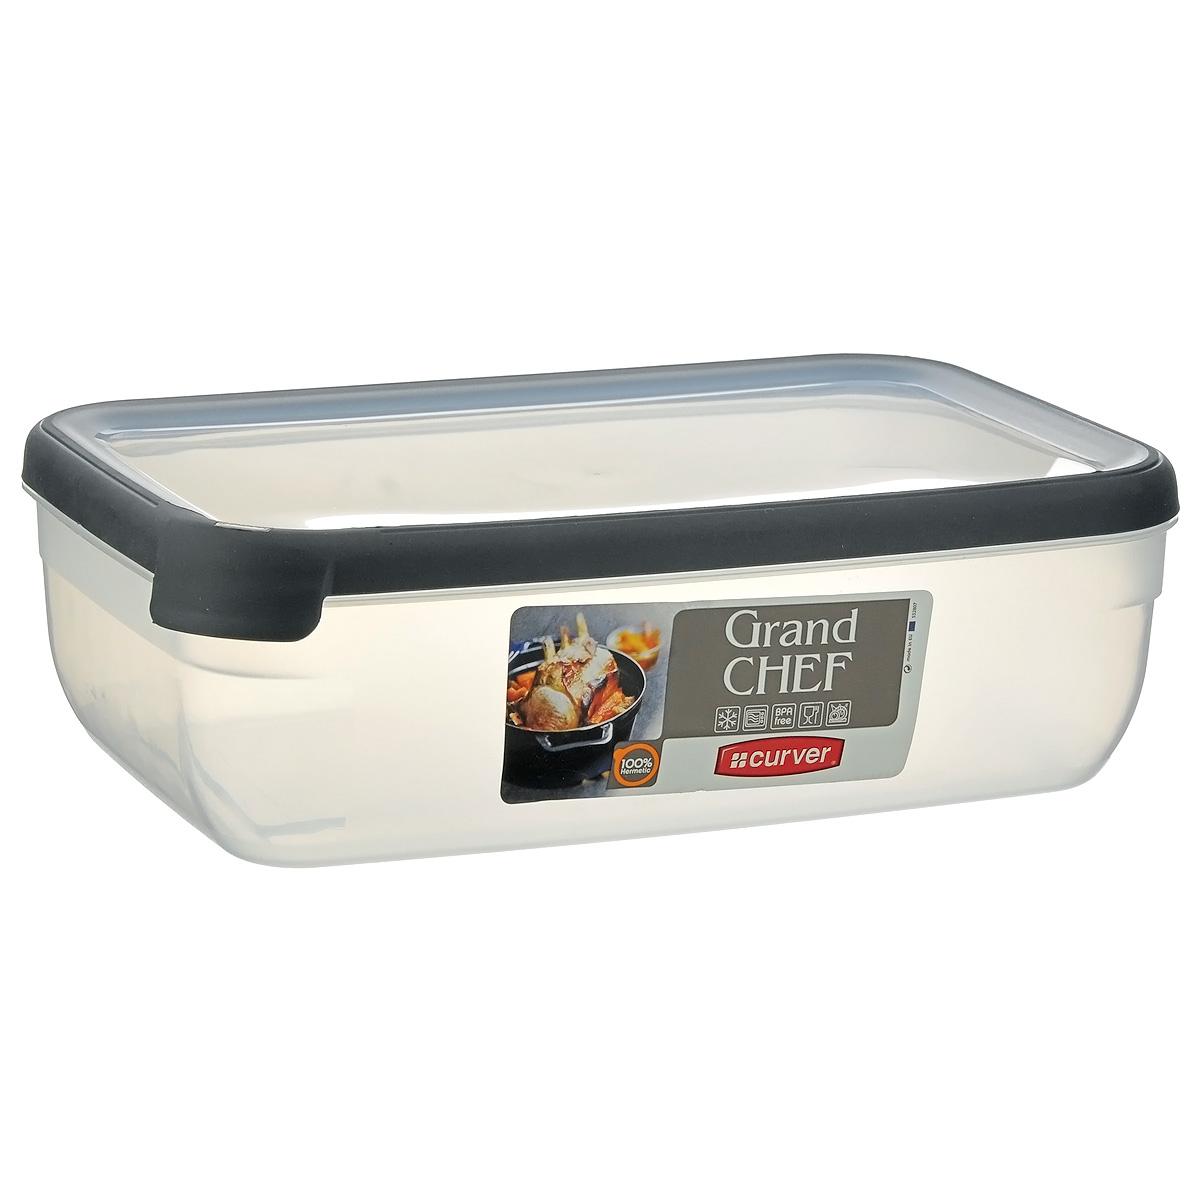 Емкость для заморозки и СВЧ Curver Grand Chef, цвет: серый, 4 л00010-673-00Прямоугольная емкость для заморозки и СВЧ Grand Chef изготовлена из высококачественного пищевого пластика (BPA free), который выдерживает температуру от -40°С до +100°С. Стенки емкости и крышка прозрачные. Крышка по краю оснащена силиконовой вставкой, благодаря которой плотно и герметично закрывается, дольше сохраняя продукты свежими и вкусными. Емкость удобно брать с собой на пикник, дачу, в поход или просто использовать для хранения пищи в холодильнике. Можно использовать в микроволновой печи и для заморозки в морозильной камере. Можно мыть в посудомоечной машине.